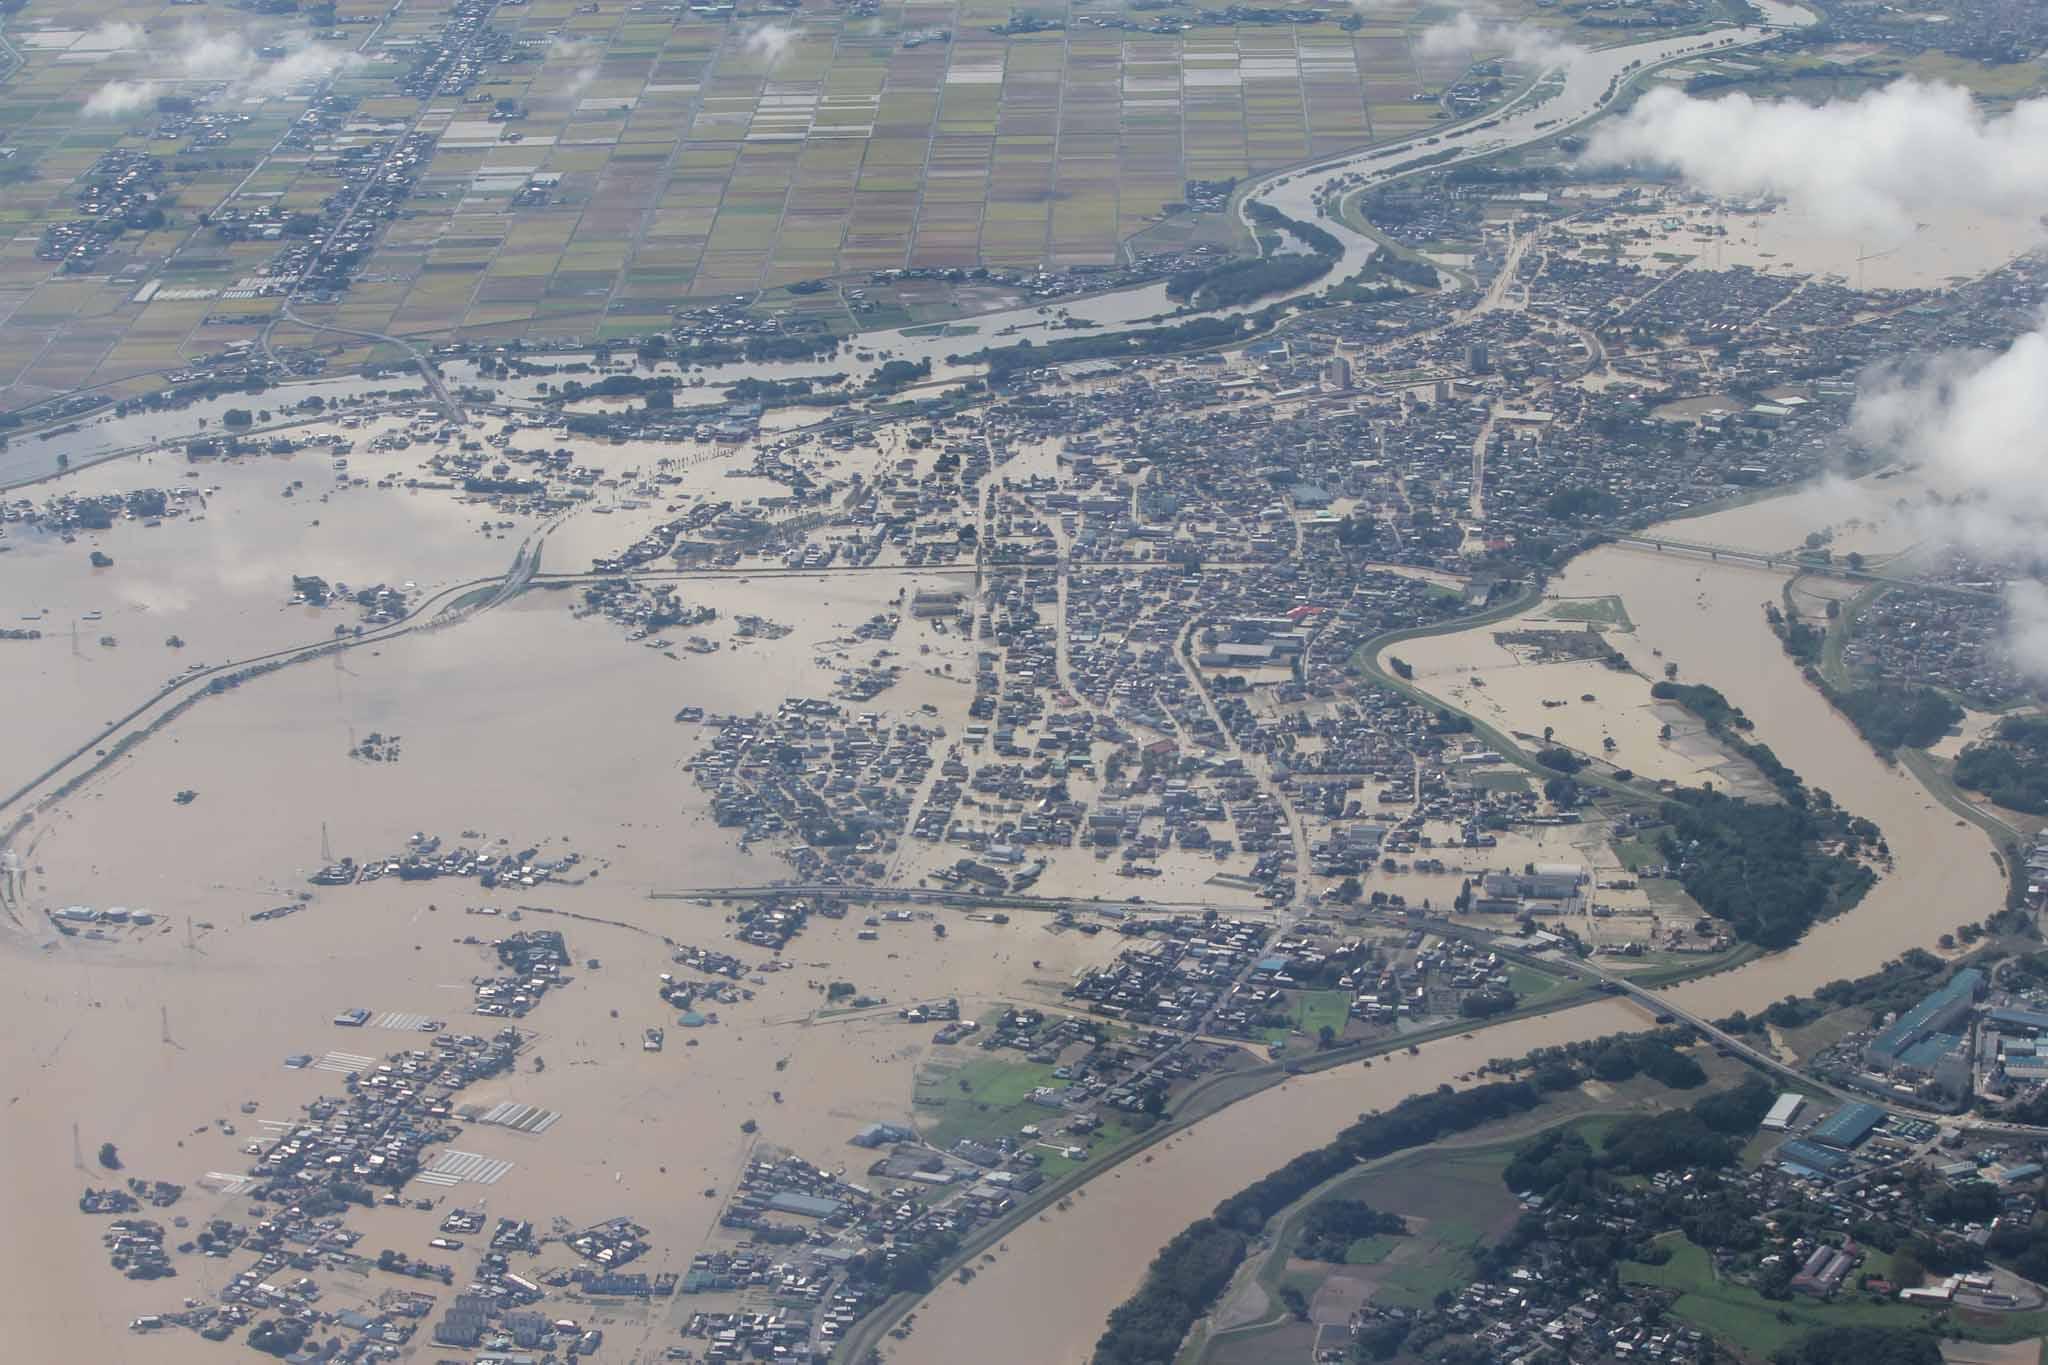 平成27年9月 関東・東北豪雨における常総市の浸水状況